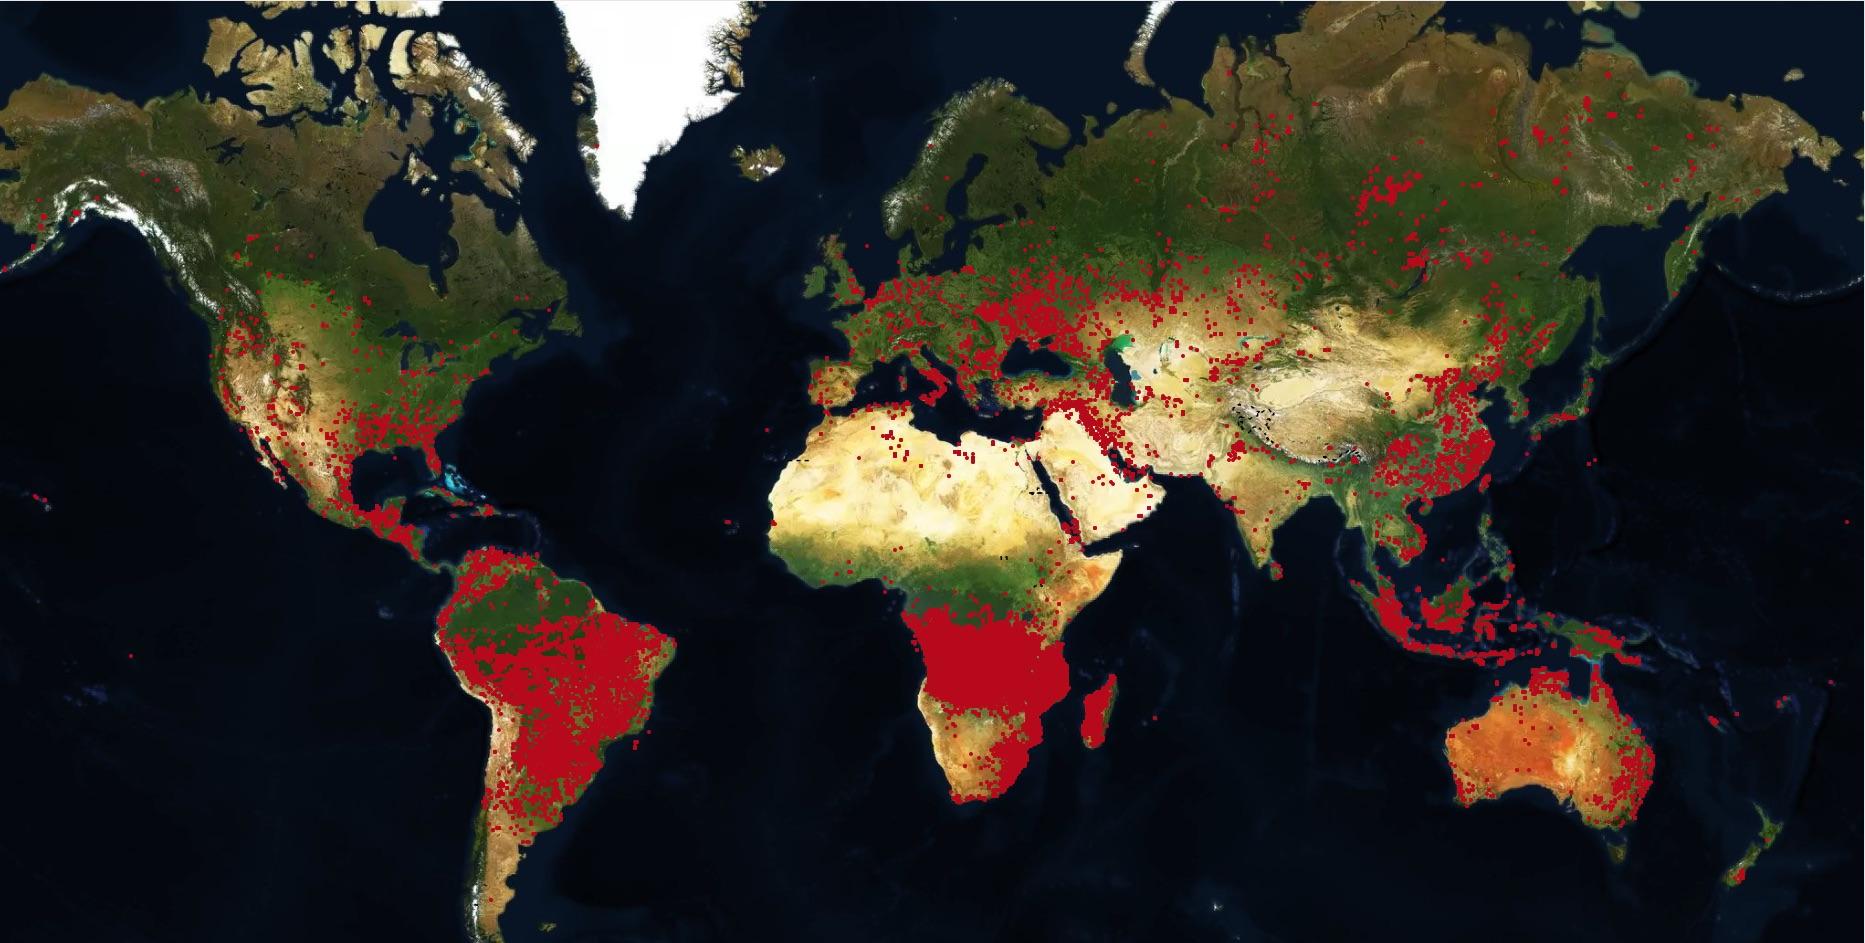 La mappa degli incendi nel mondo: ecco dove avvengono più frequentemente